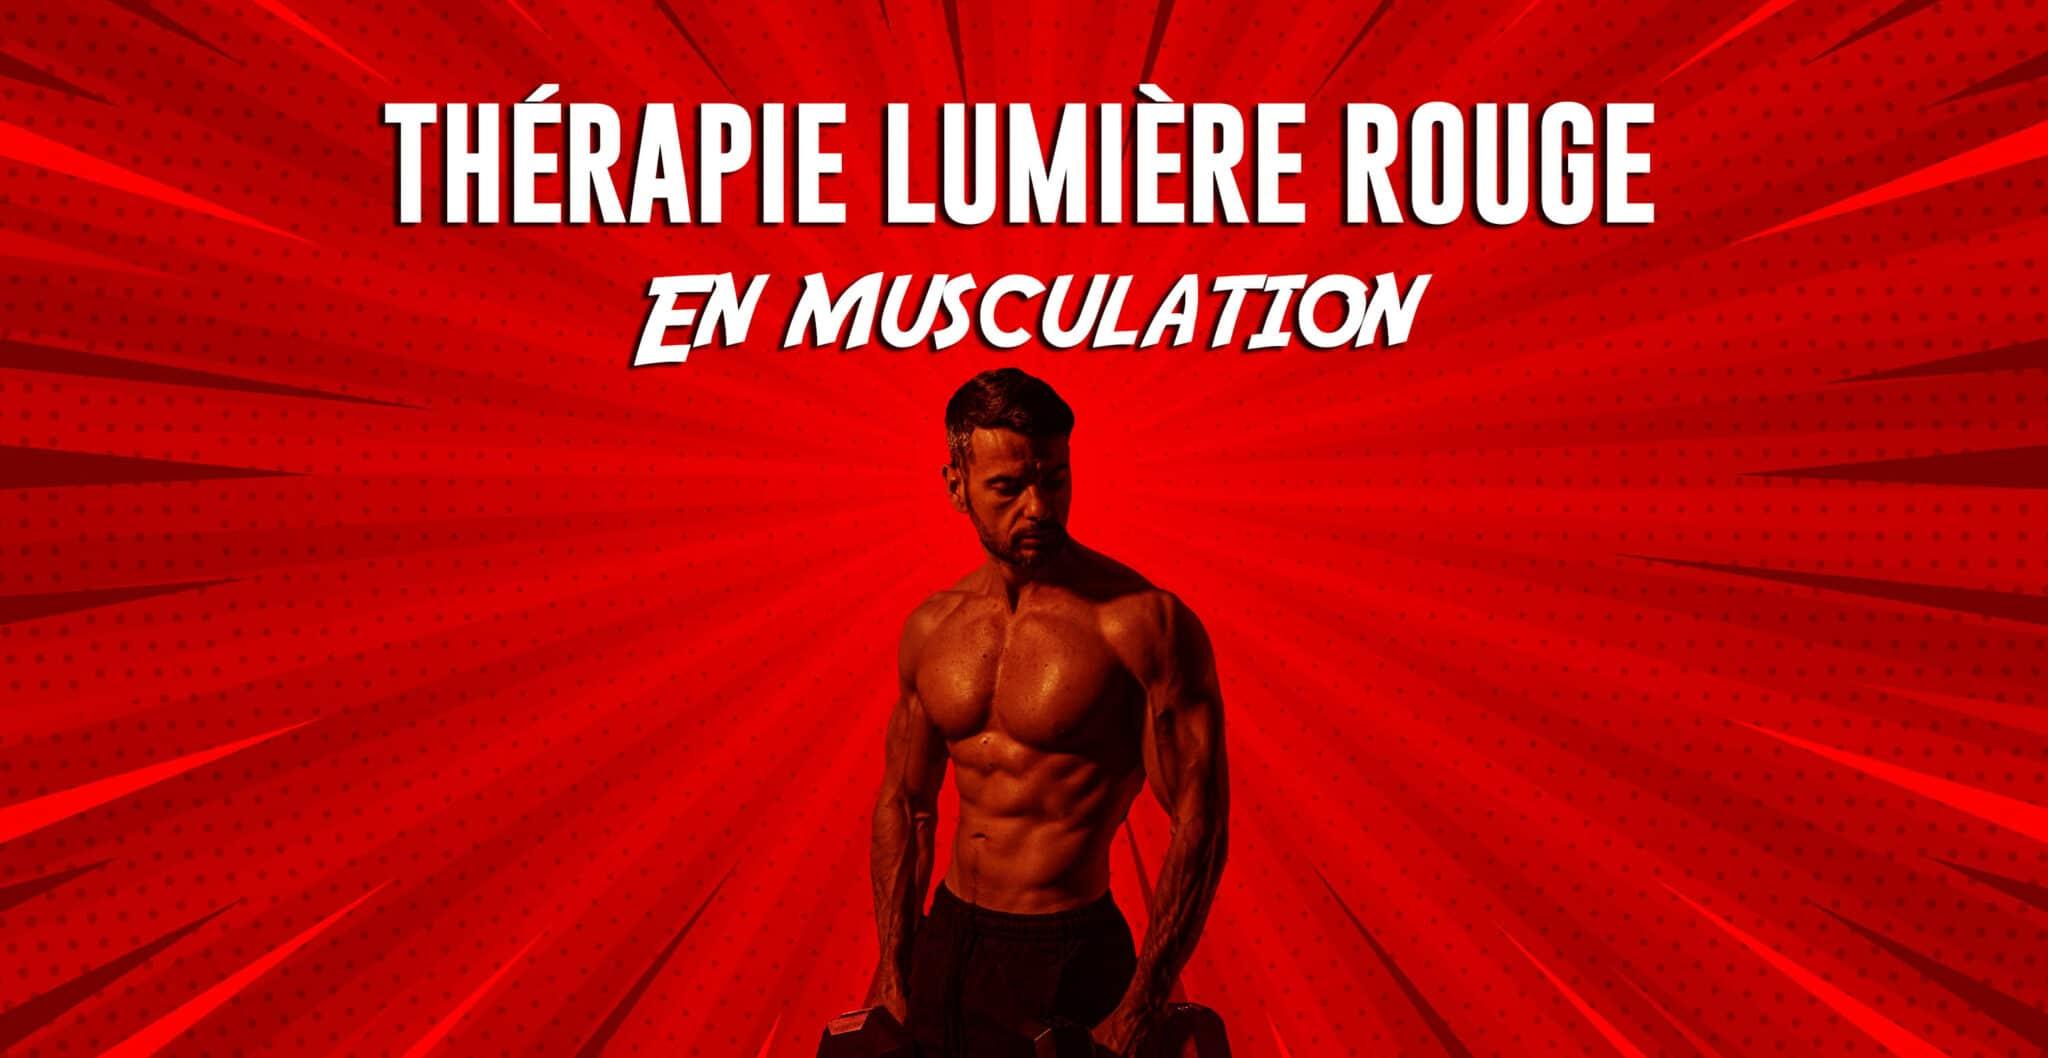 lumiere rouge en musculation